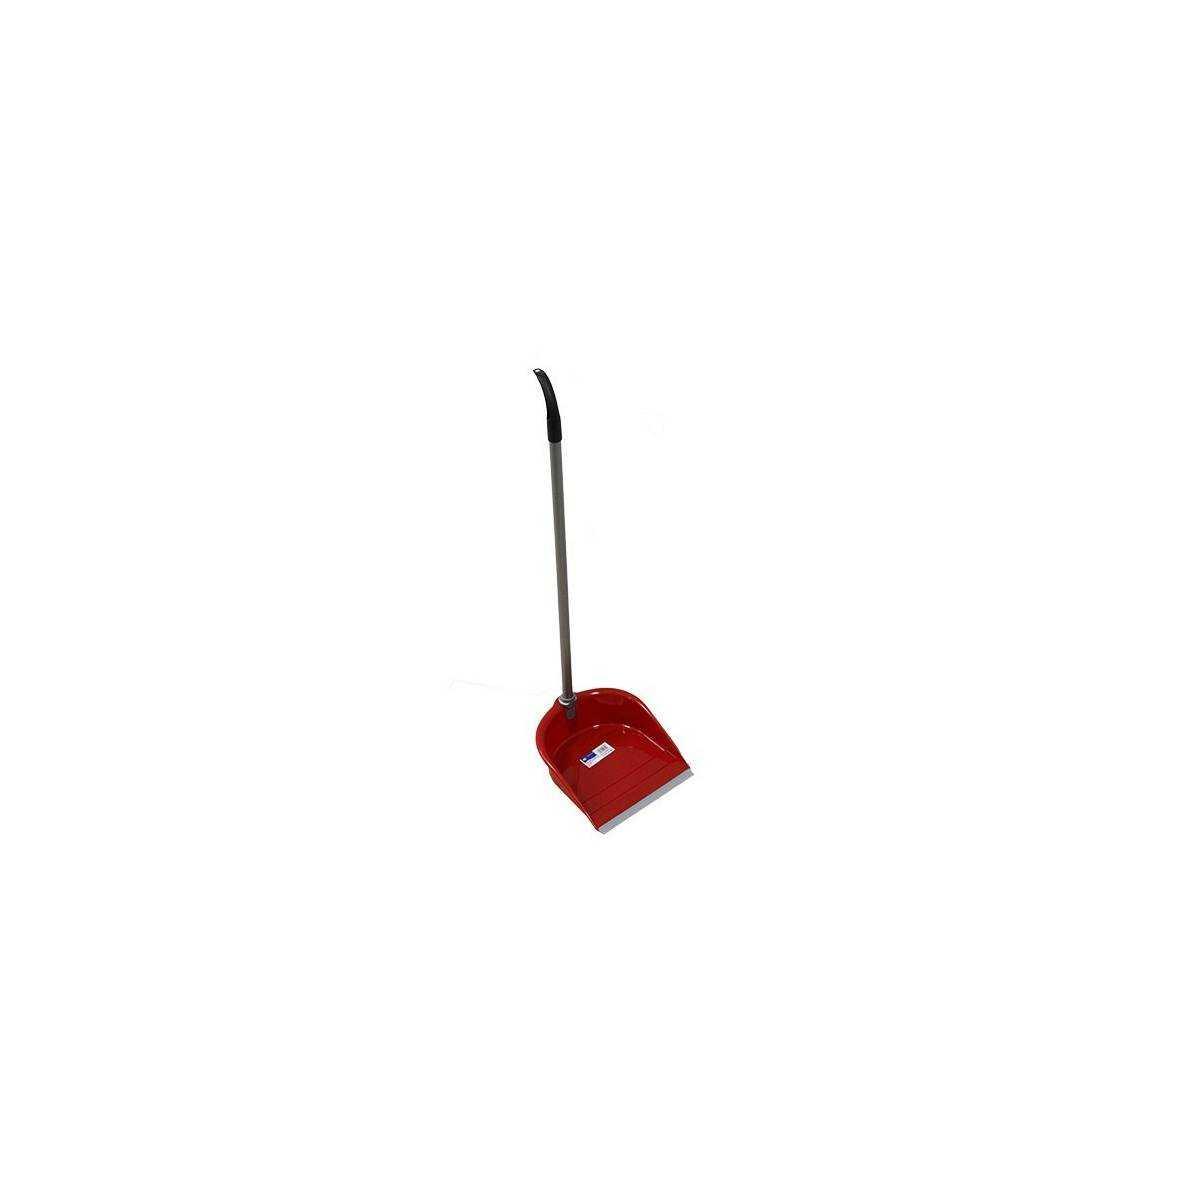 Совок KIWI (Красного цвета) 20.00810.0012.01.071 APEX - Fratelli Re SpA